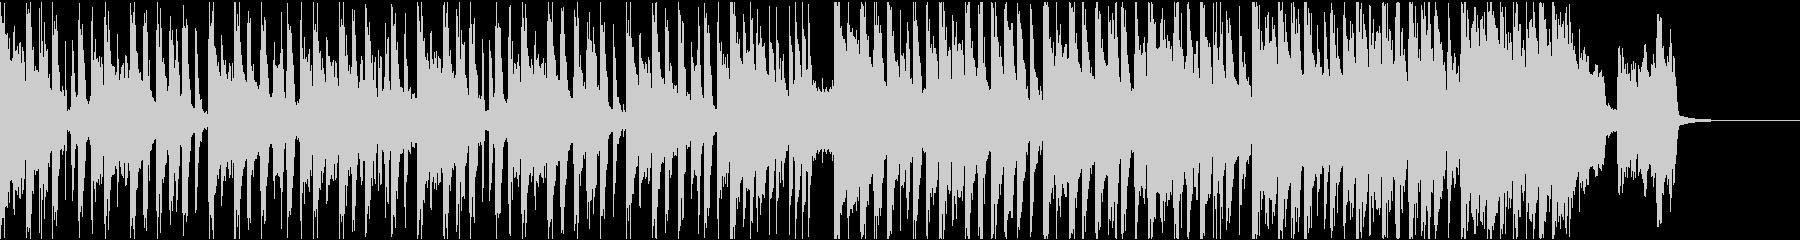 シンプルなベースハウスのジングルの未再生の波形